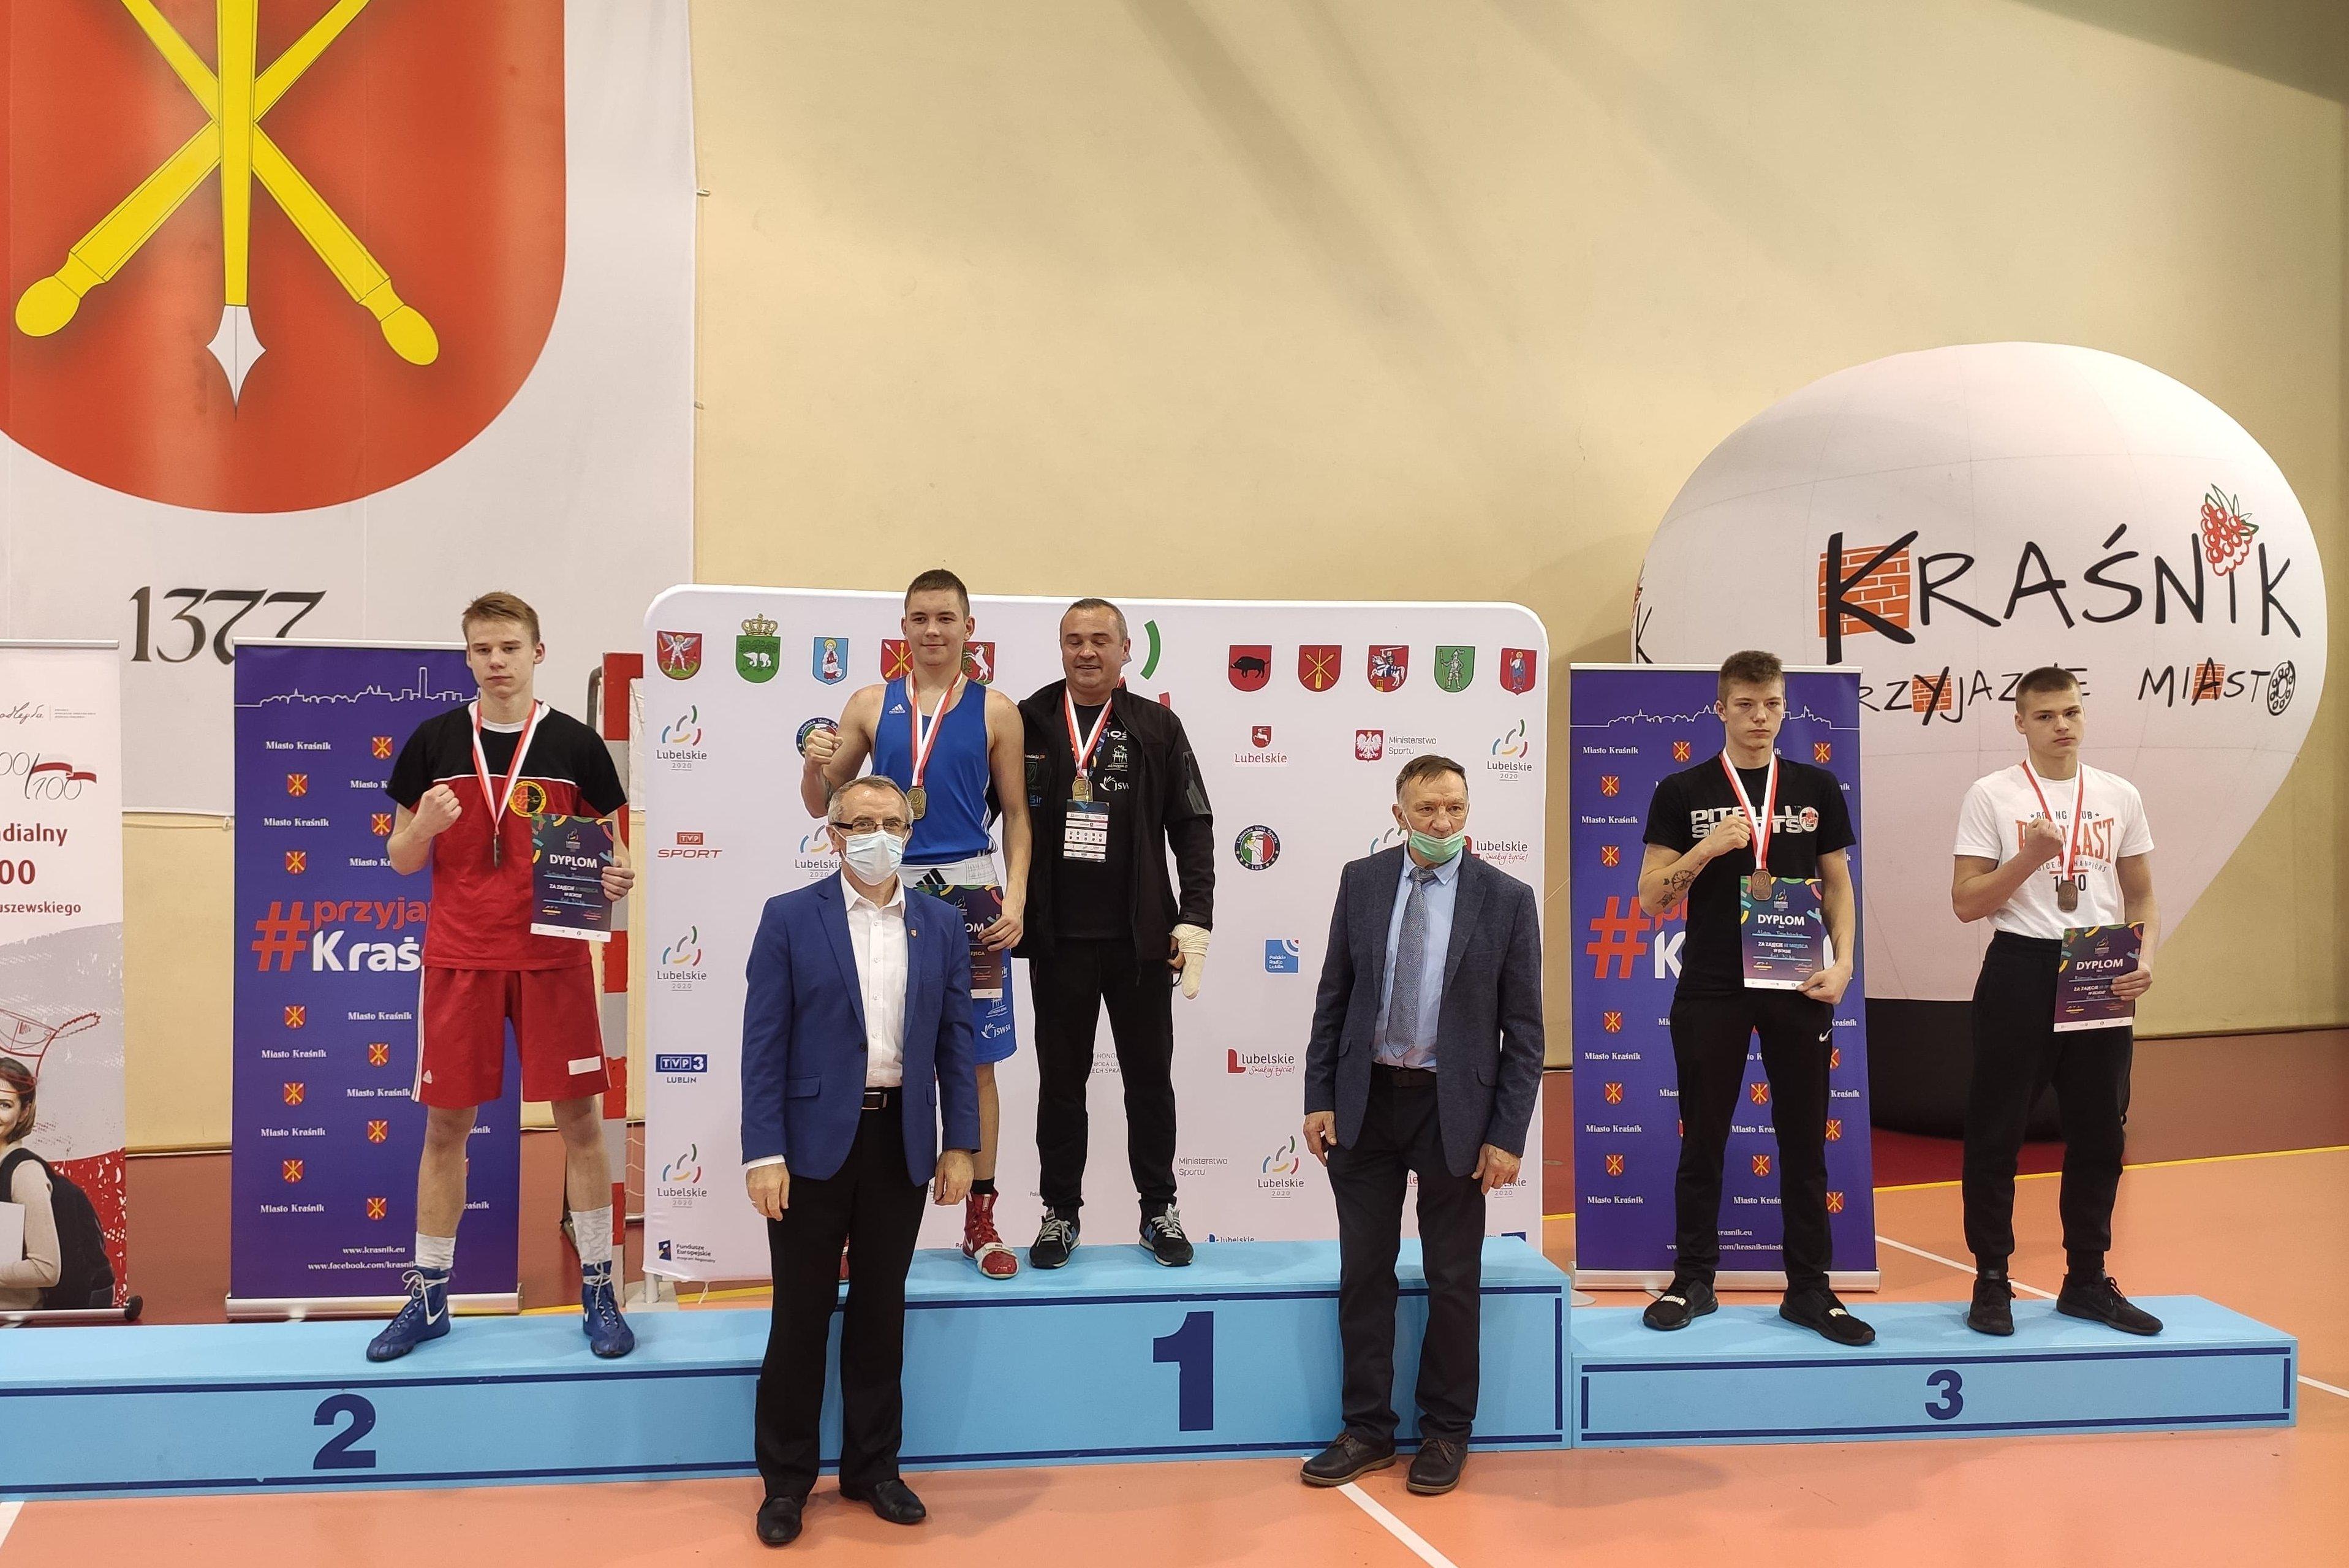 Tobiasz Zarzeczny srebrnym medalistą mistrzostw Polski